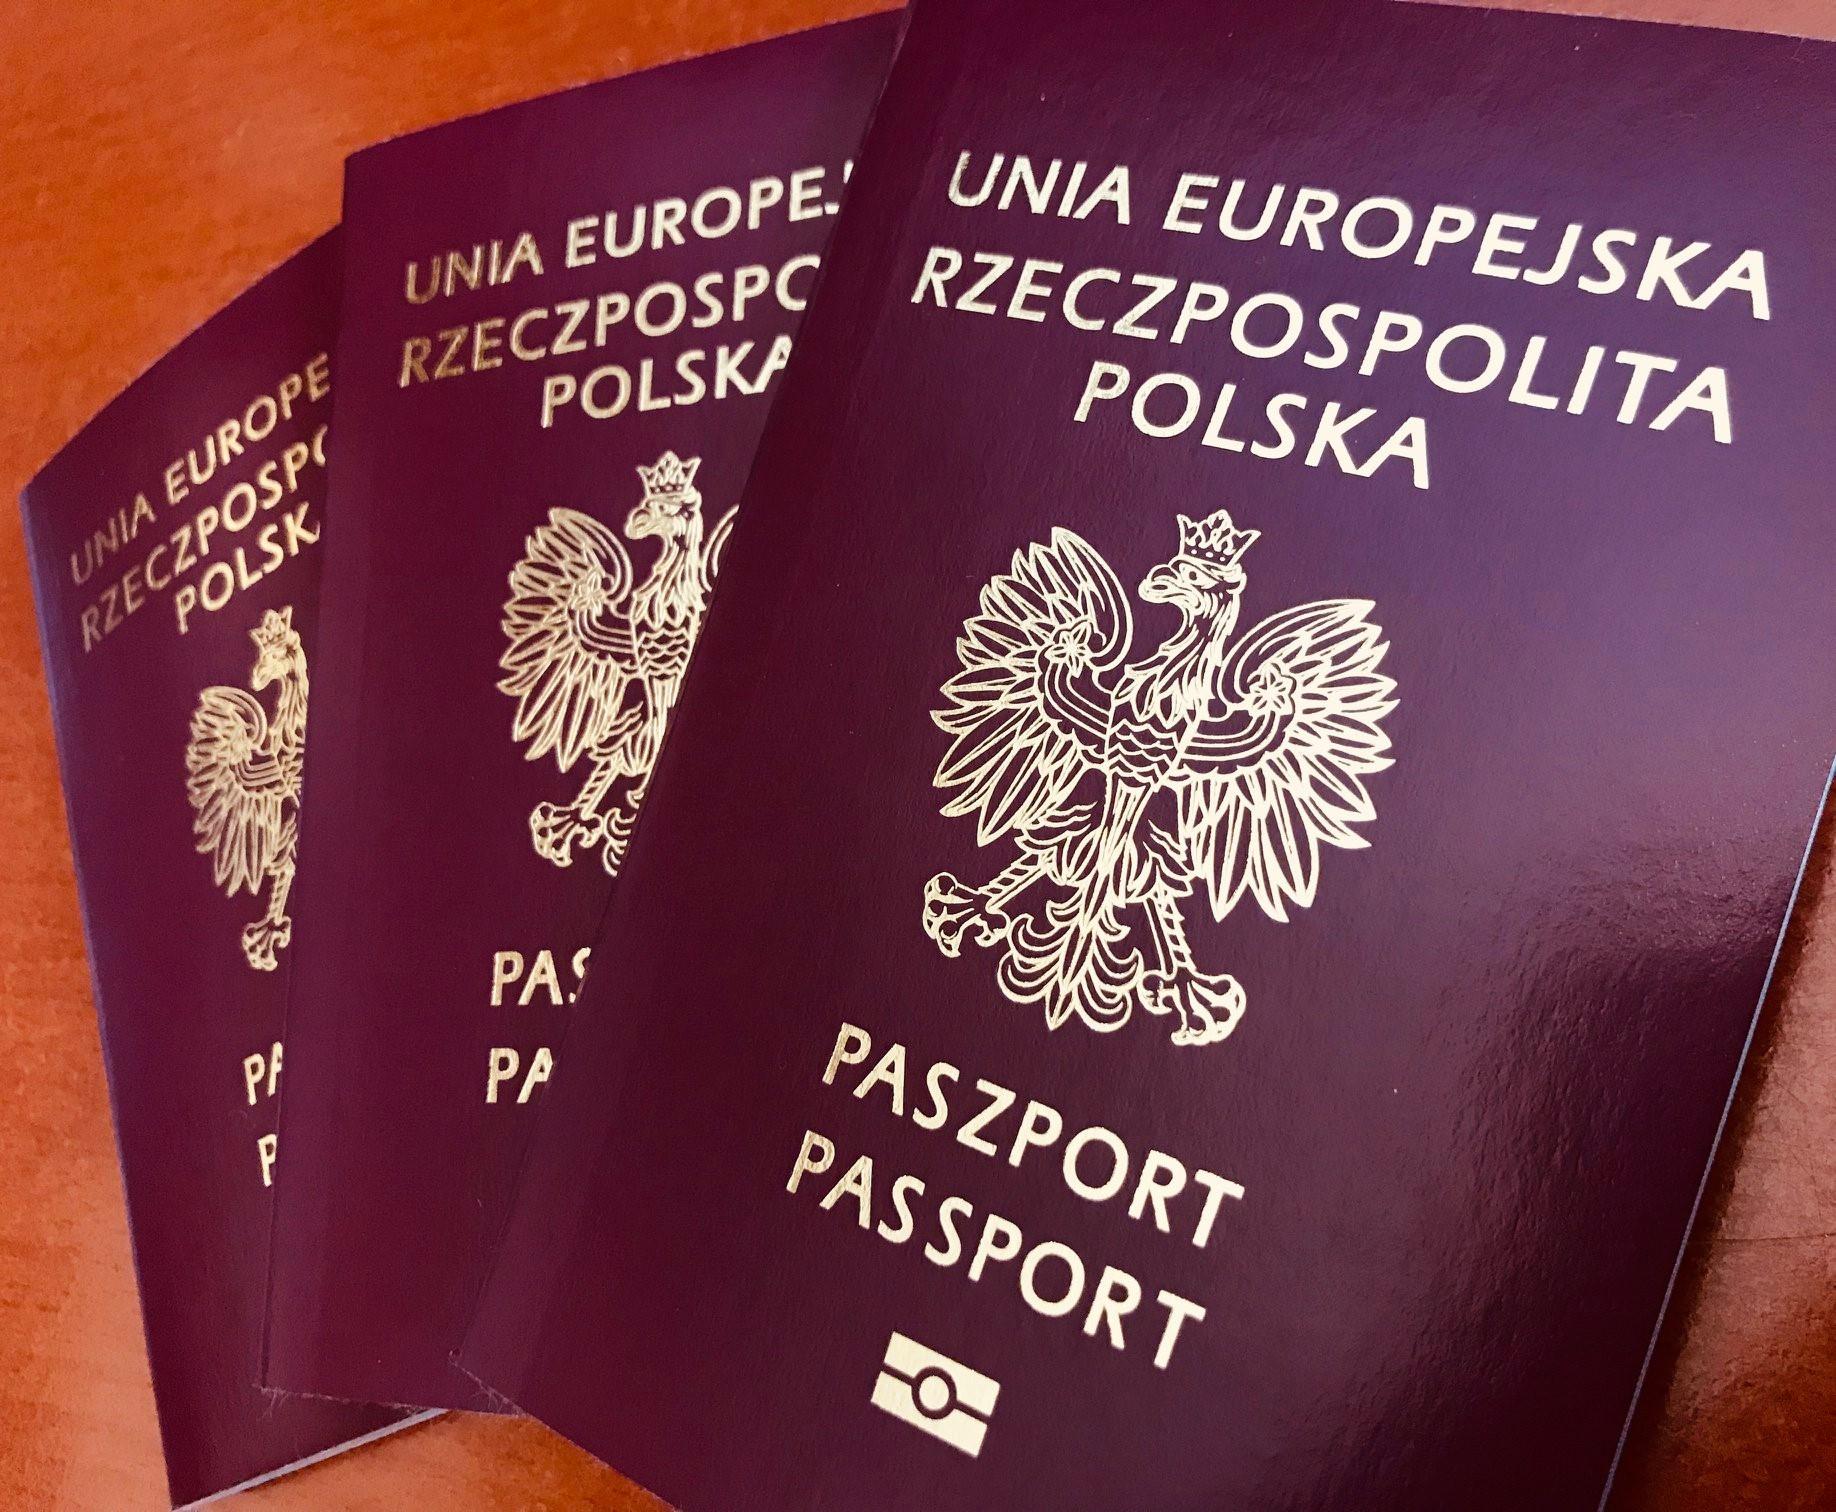 Dyżur konsularny w Lawrenceville, GA na przyjmowanie wniosków o wydanie polskiego paszportu